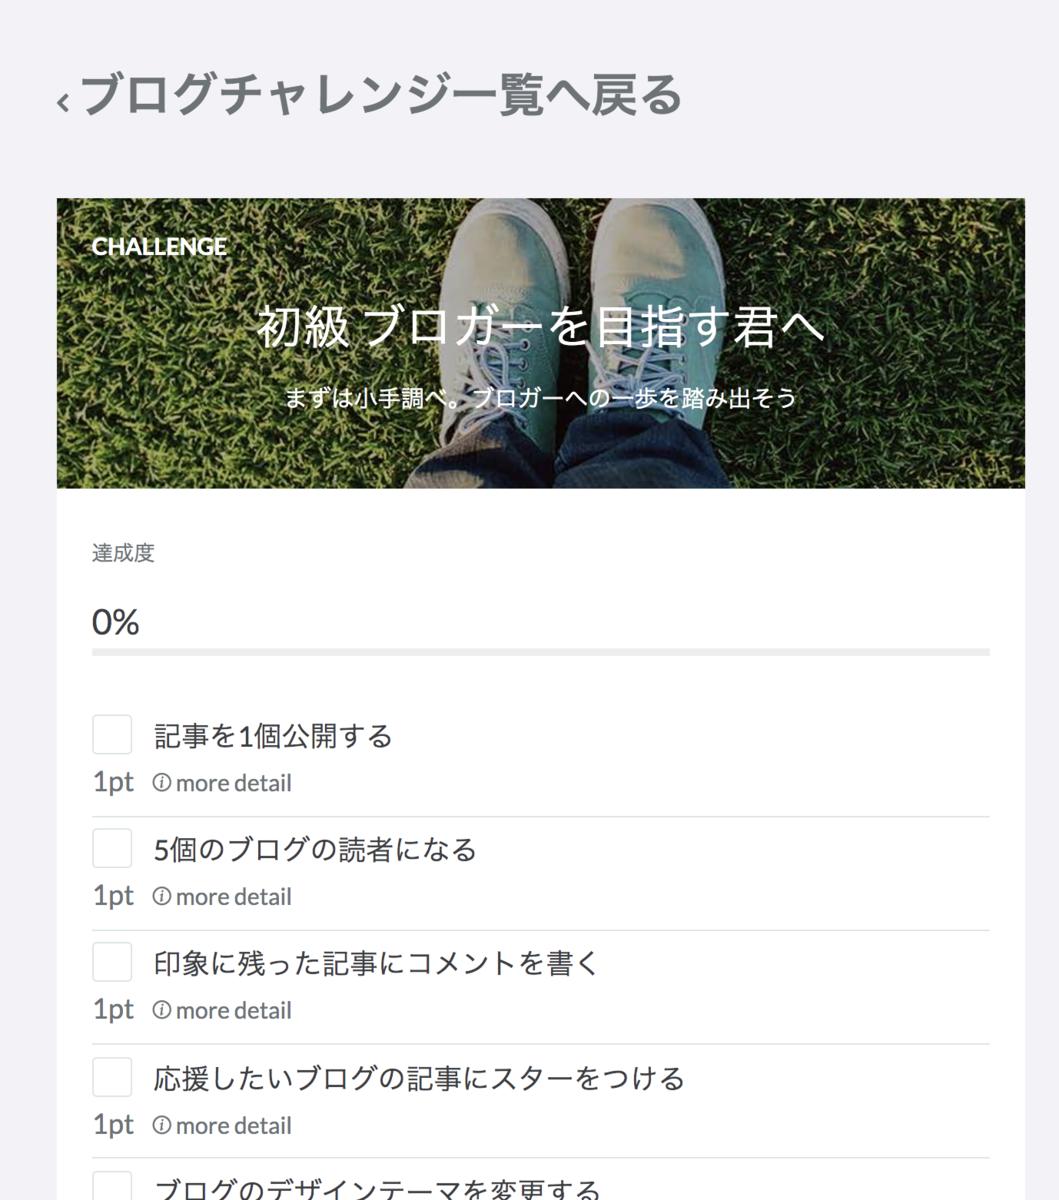 ブログチャレンジ初級のチャレンジ項目